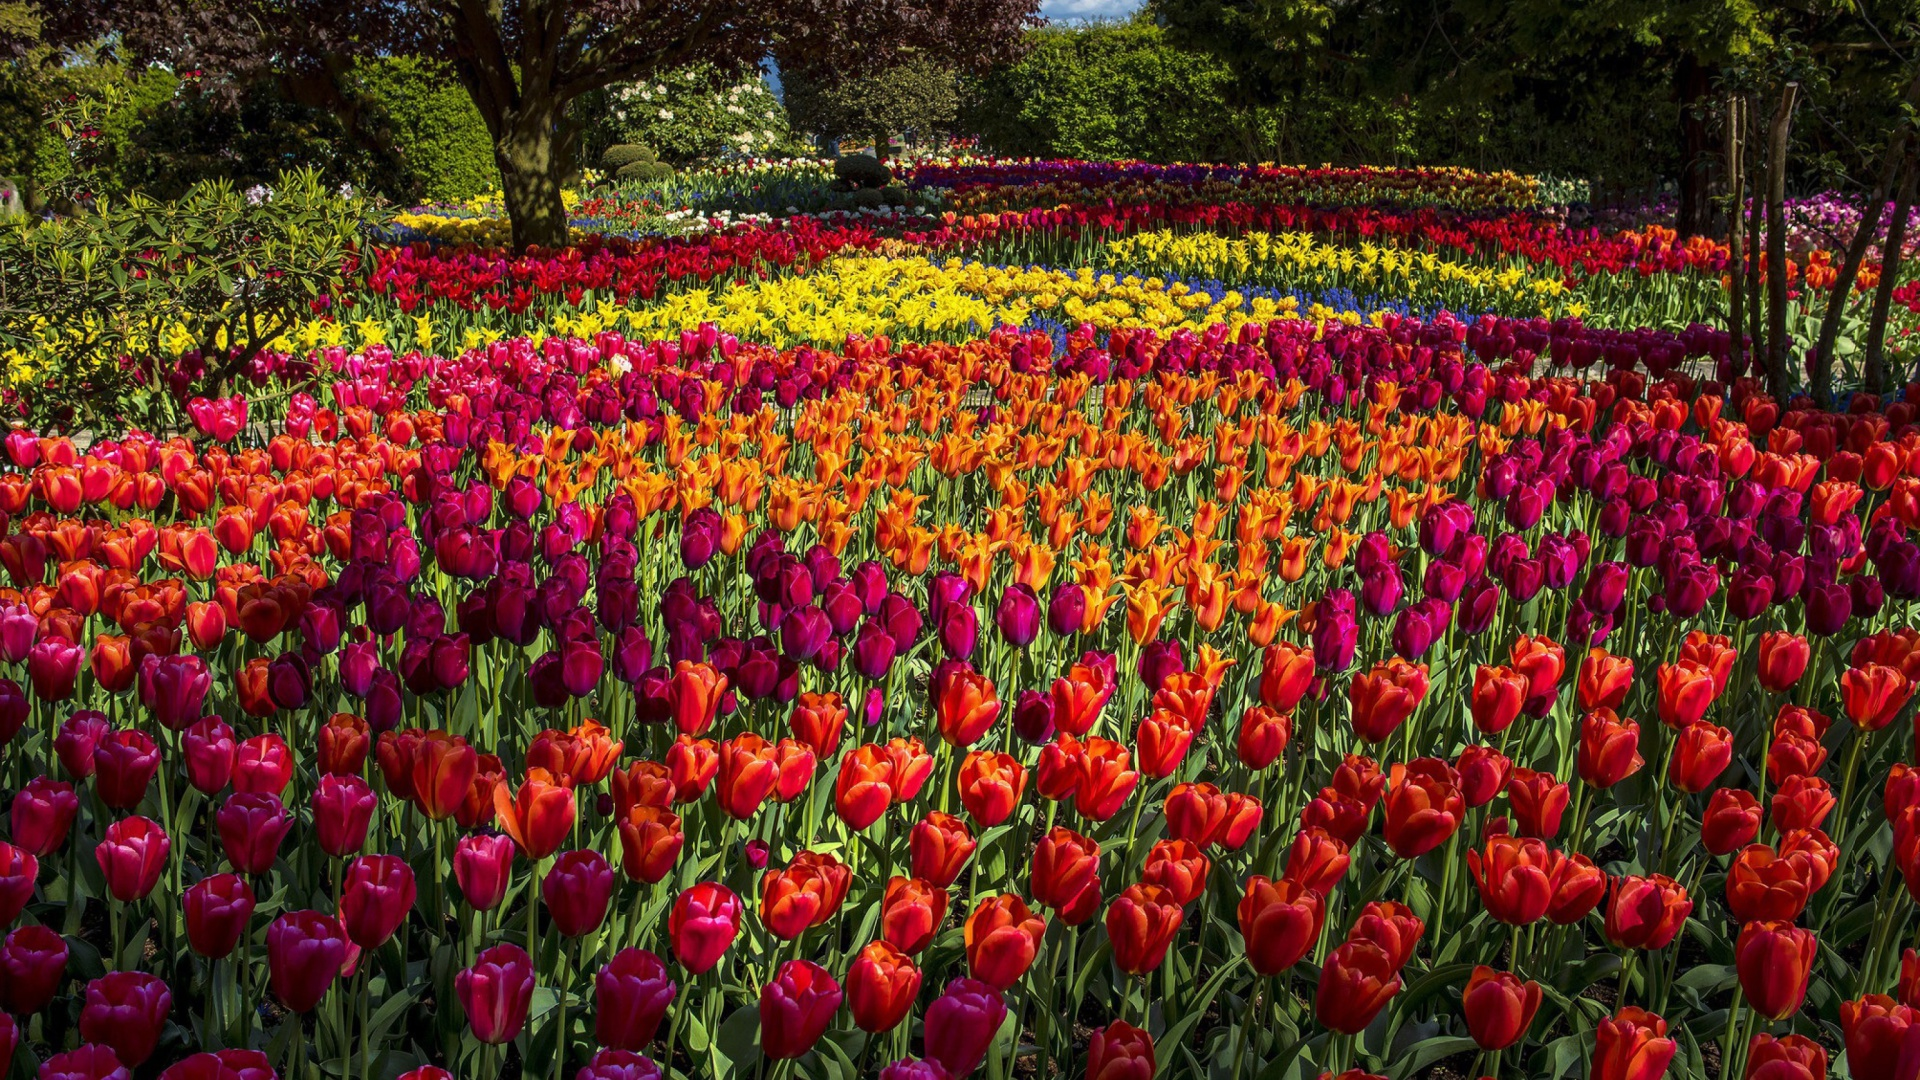 Spring Tulips Garden Wallpaper For Desktop 1920x1080 Full Hd